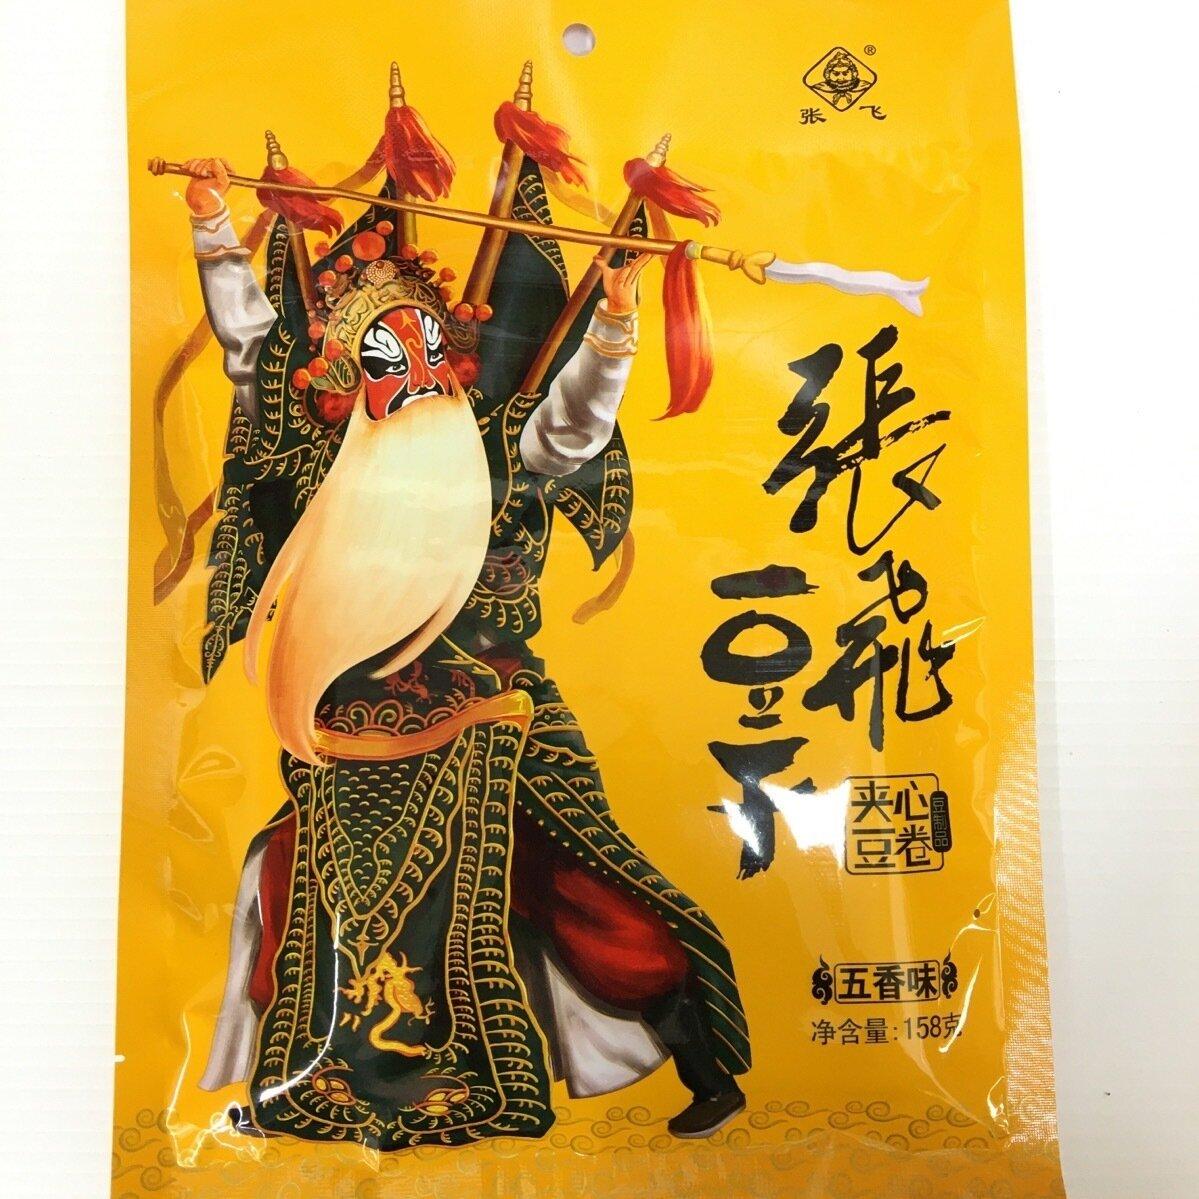 GROC【杂货】张飞豆干 五香味 158g